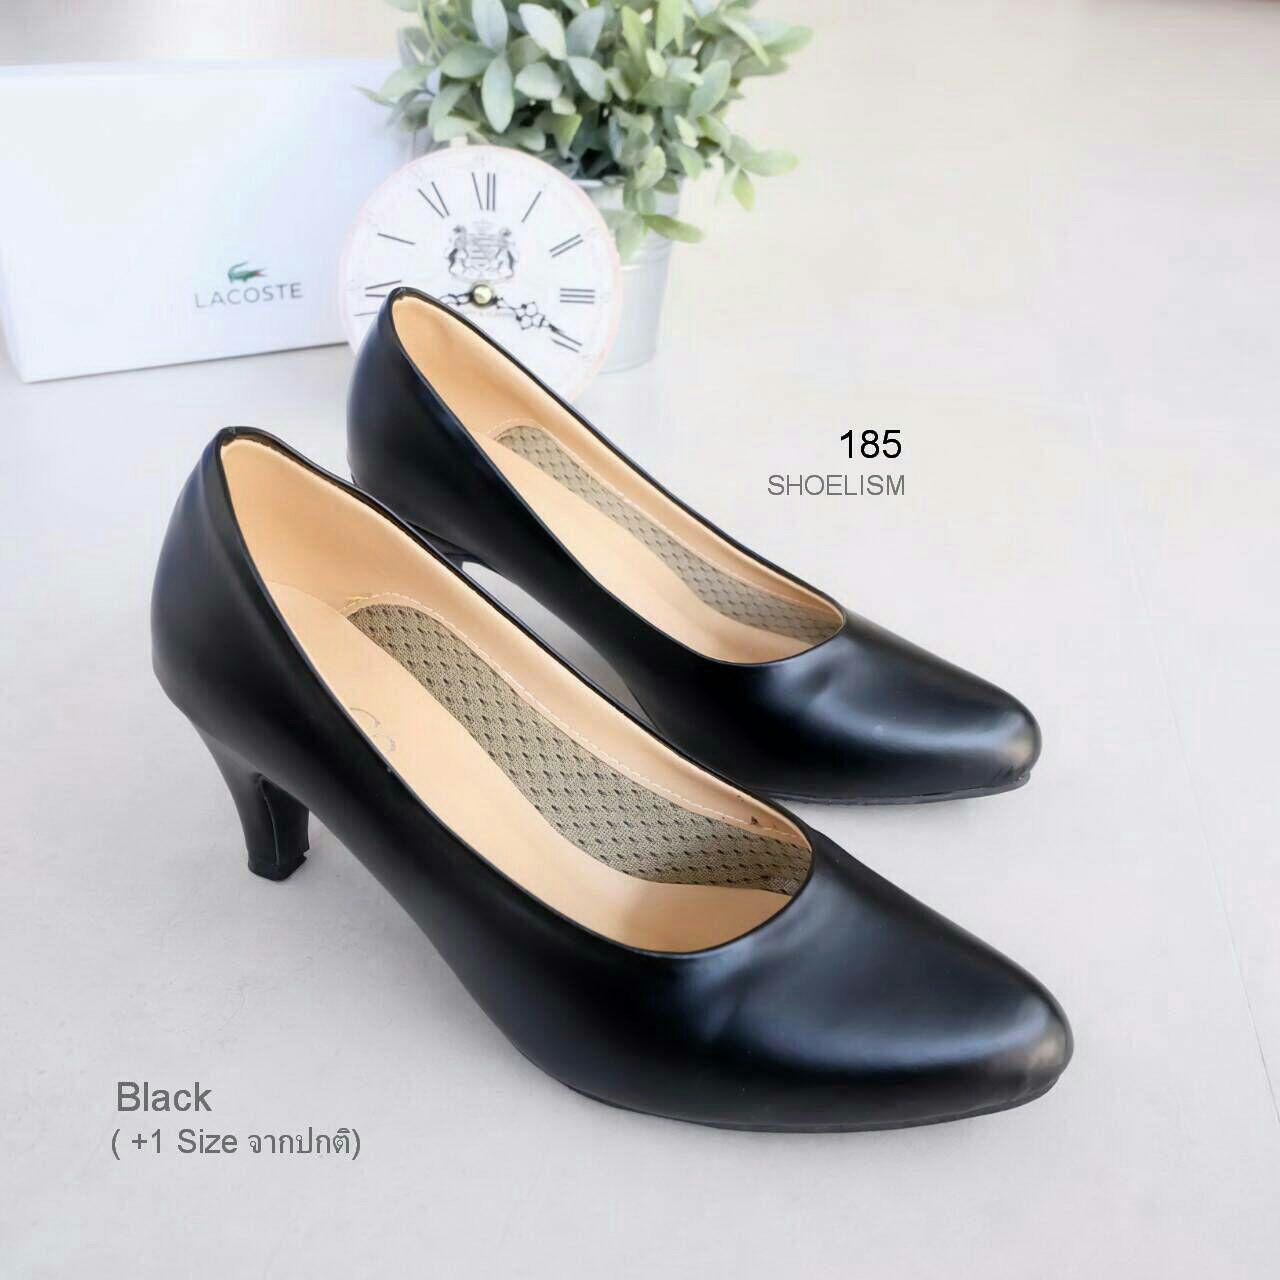 185 รองเท้าคัชชูดำ หนัง pu (+1 นะคะ)